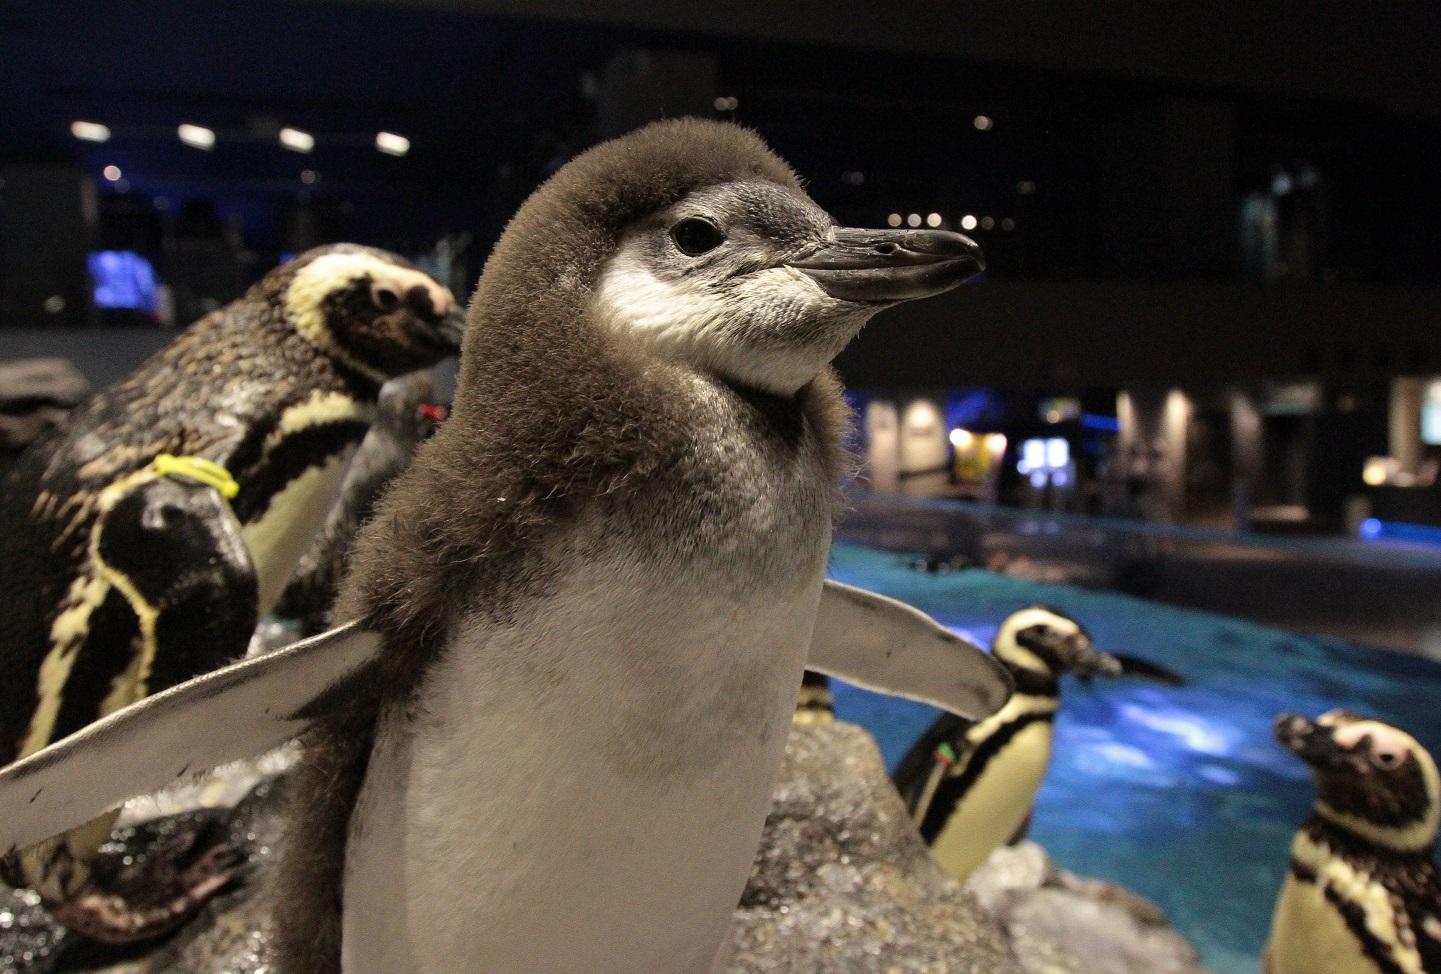 3羽目のペンギン赤ちゃんがペンギンプールに仲間入り!プールデビューのお知らせ